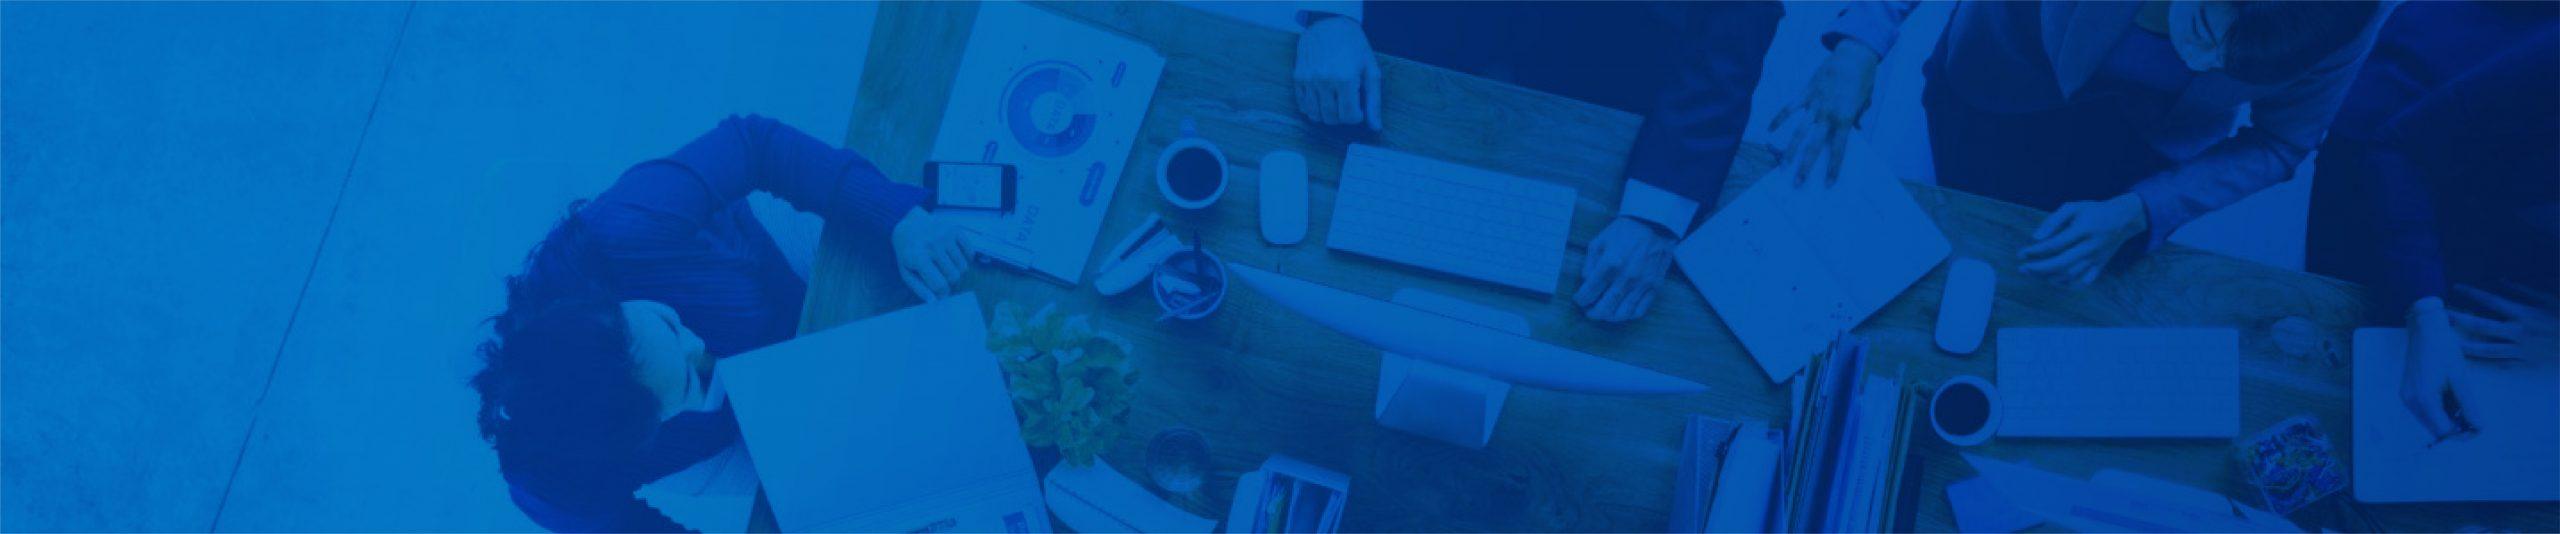 Workforce Management System Header image